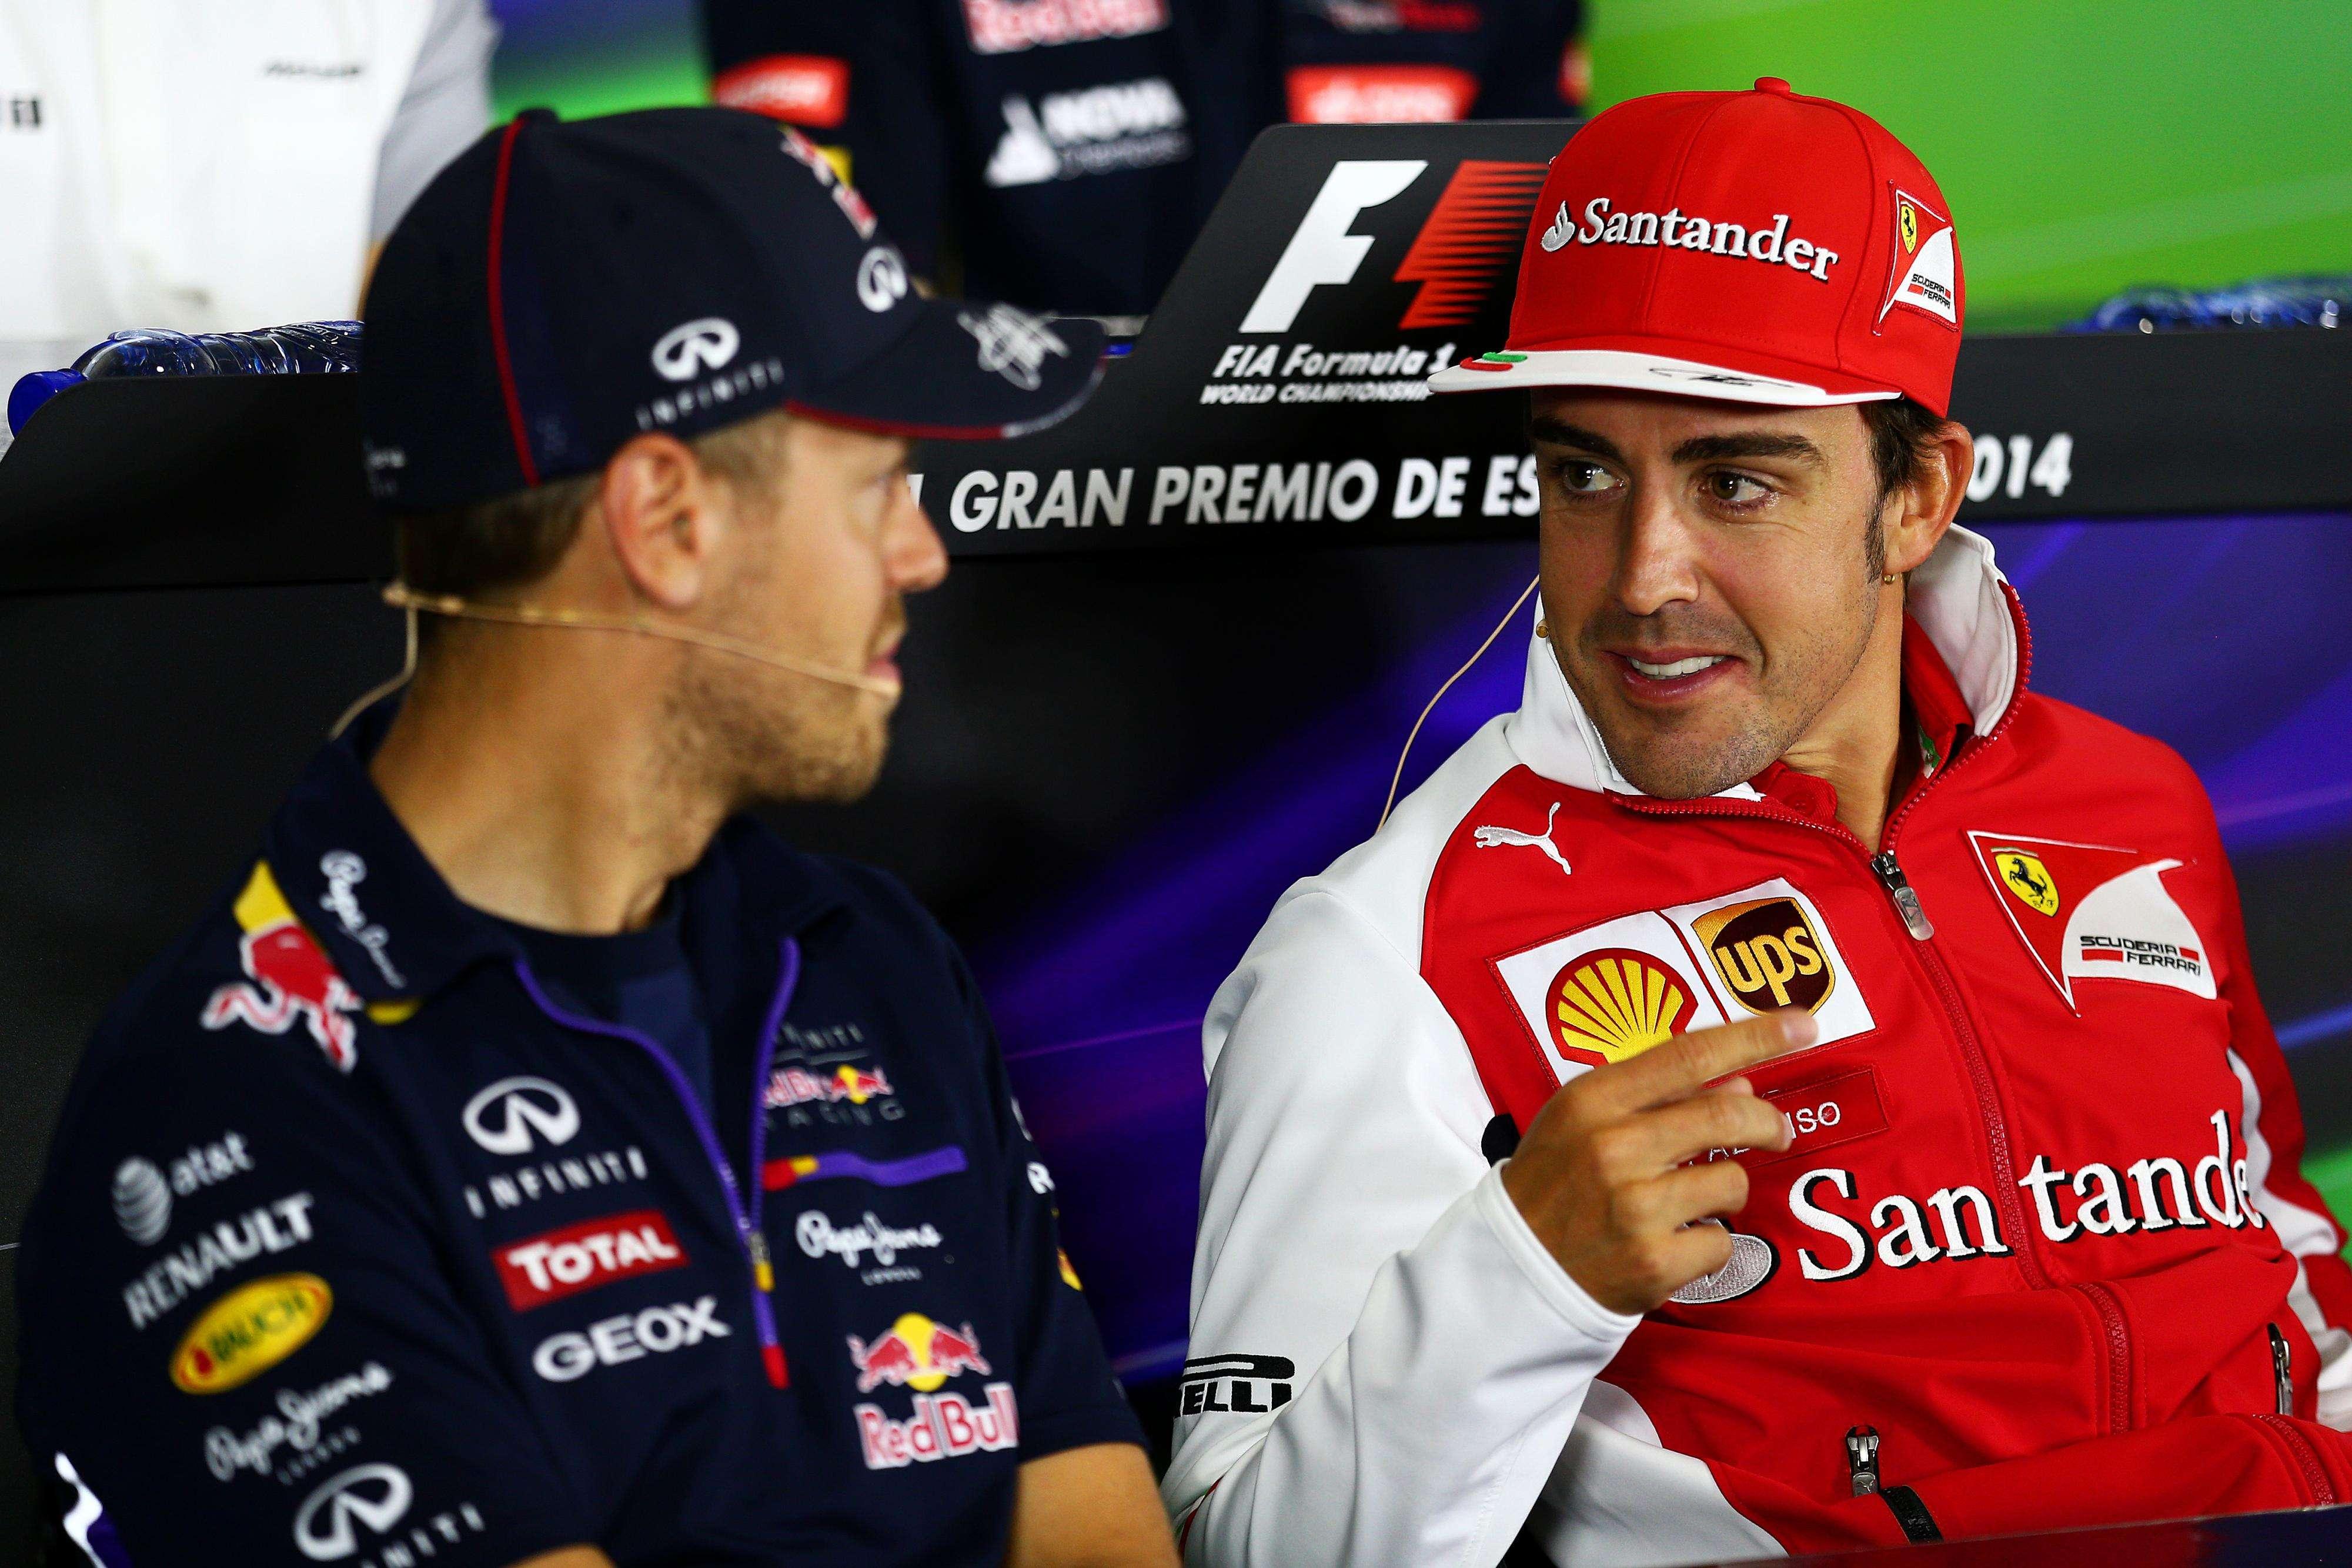 Fernando Alonso deja la escudería italiana Ferrari, tras cinco años. Foto: Getty Images